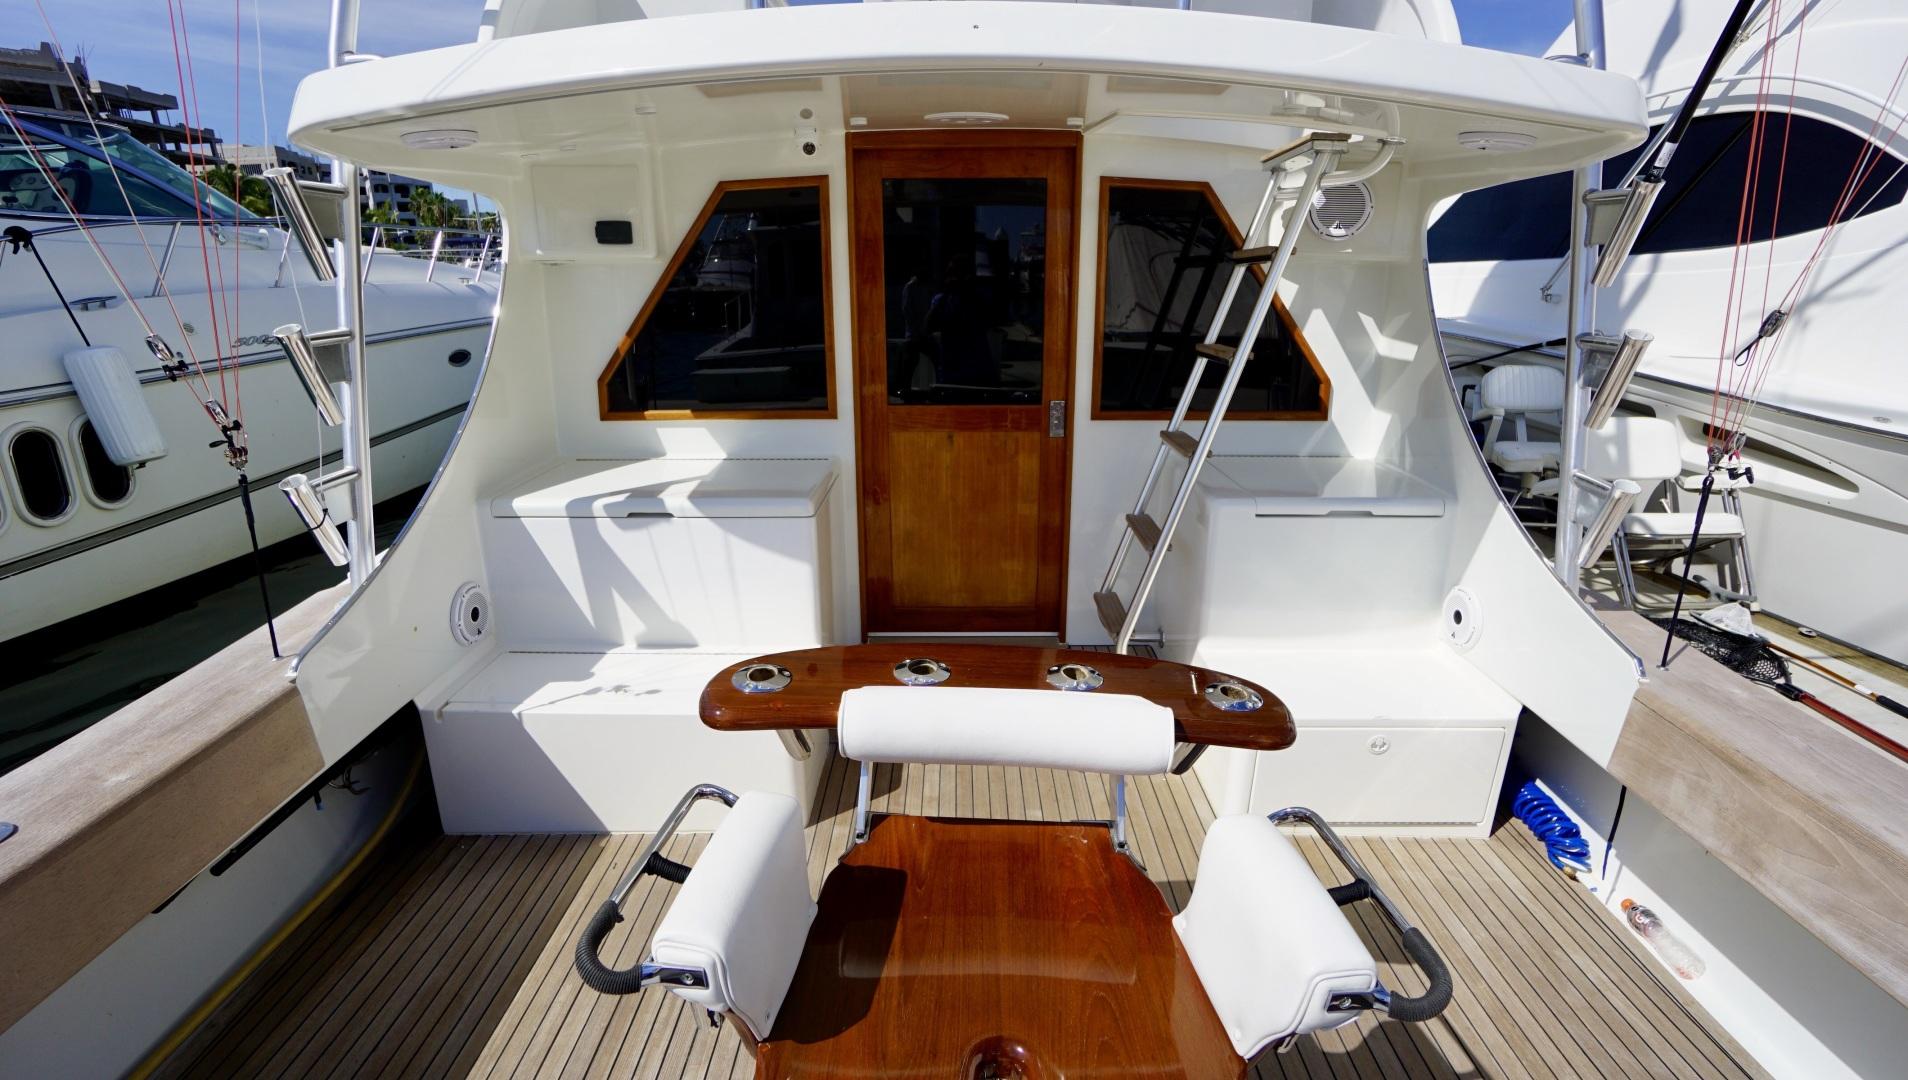 G&S Boats-40 Convertible 1983-Libertad Cabo San Lucas-Mexico-1543738 | Thumbnail